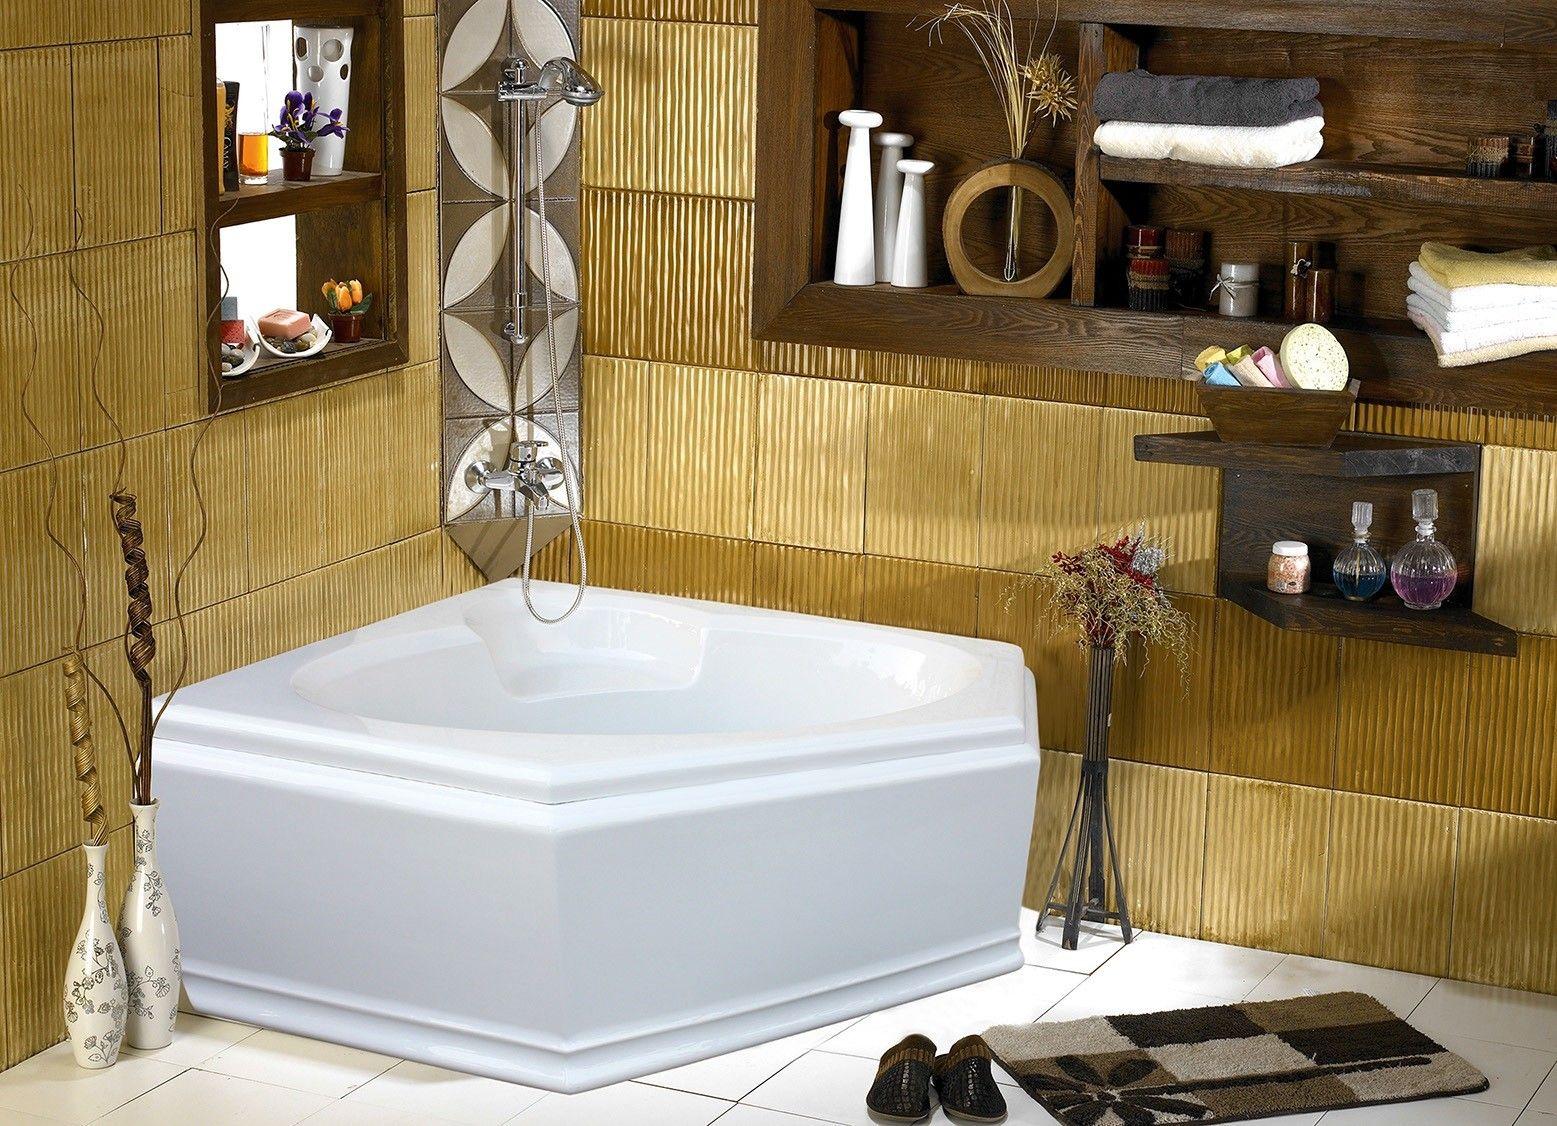 بانيو فرنسا أفضل بانيوهات الطيب 5 شركة عيسى للسيراميك والبورسلين Bathtub Corner Bathtub Interior